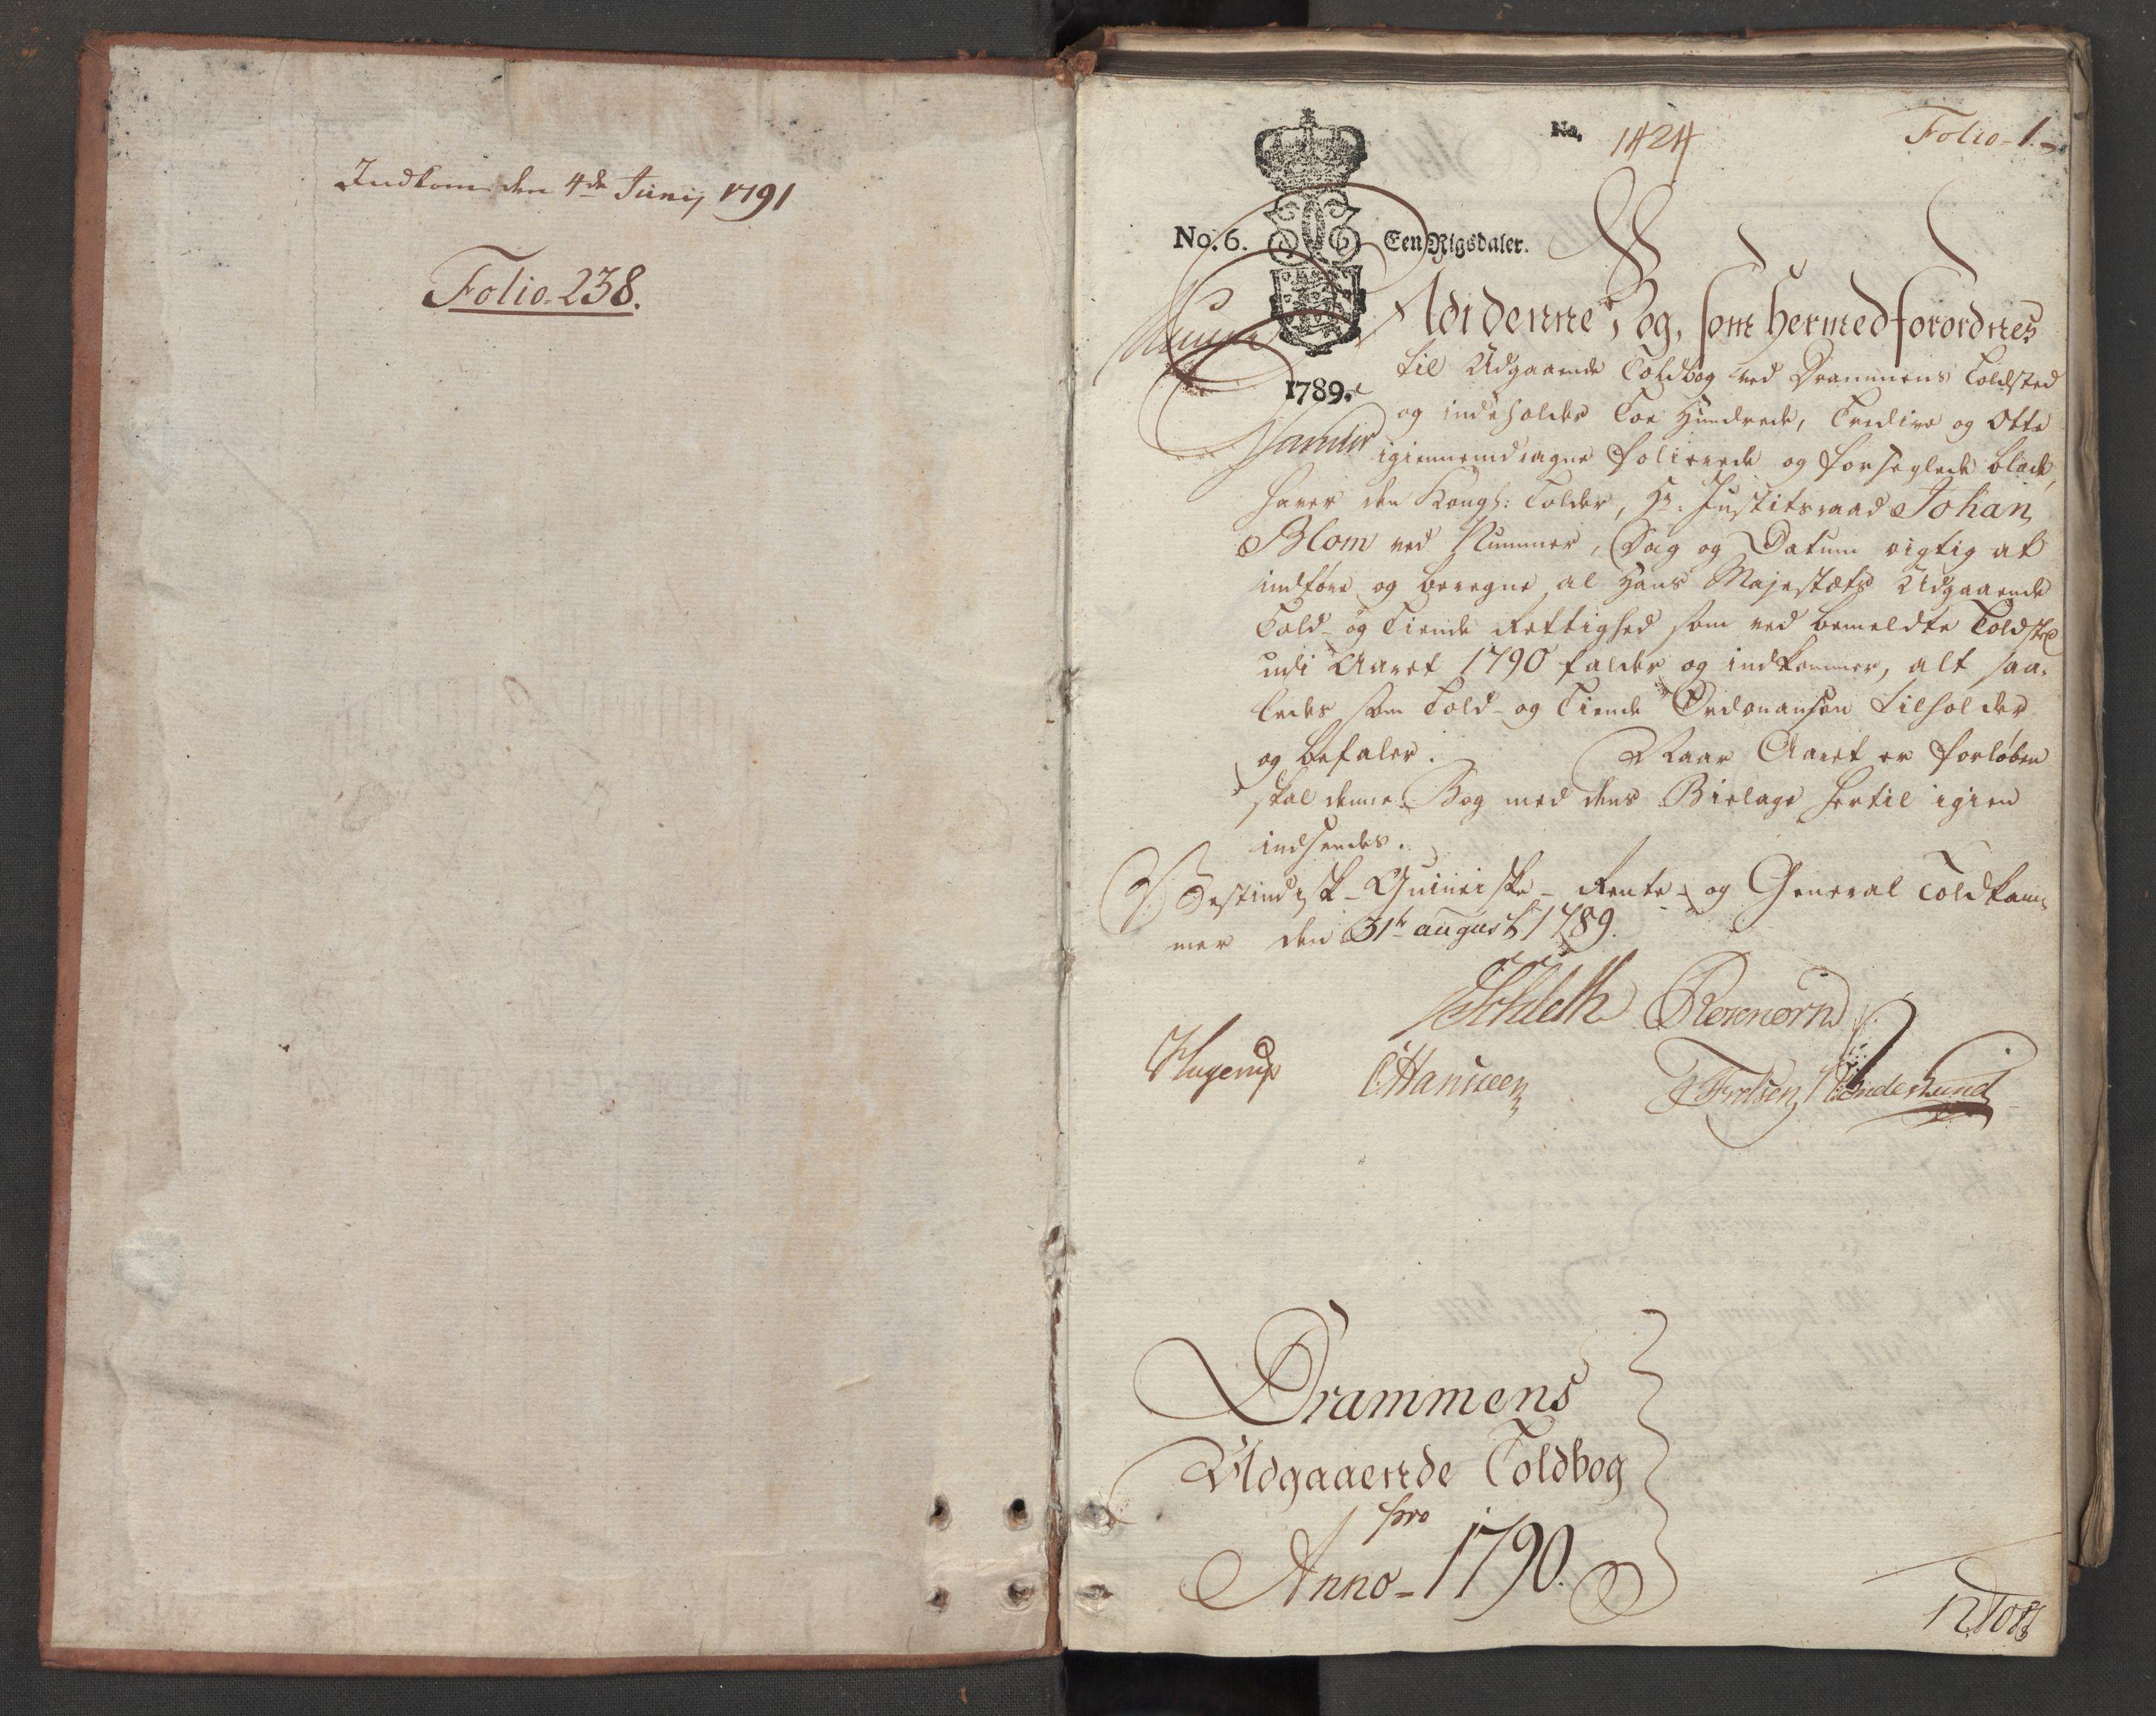 RA, Generaltollkammeret, tollregnskaper, R08/L0159: Tollregnskaper Drammen, 1790, s. 1a